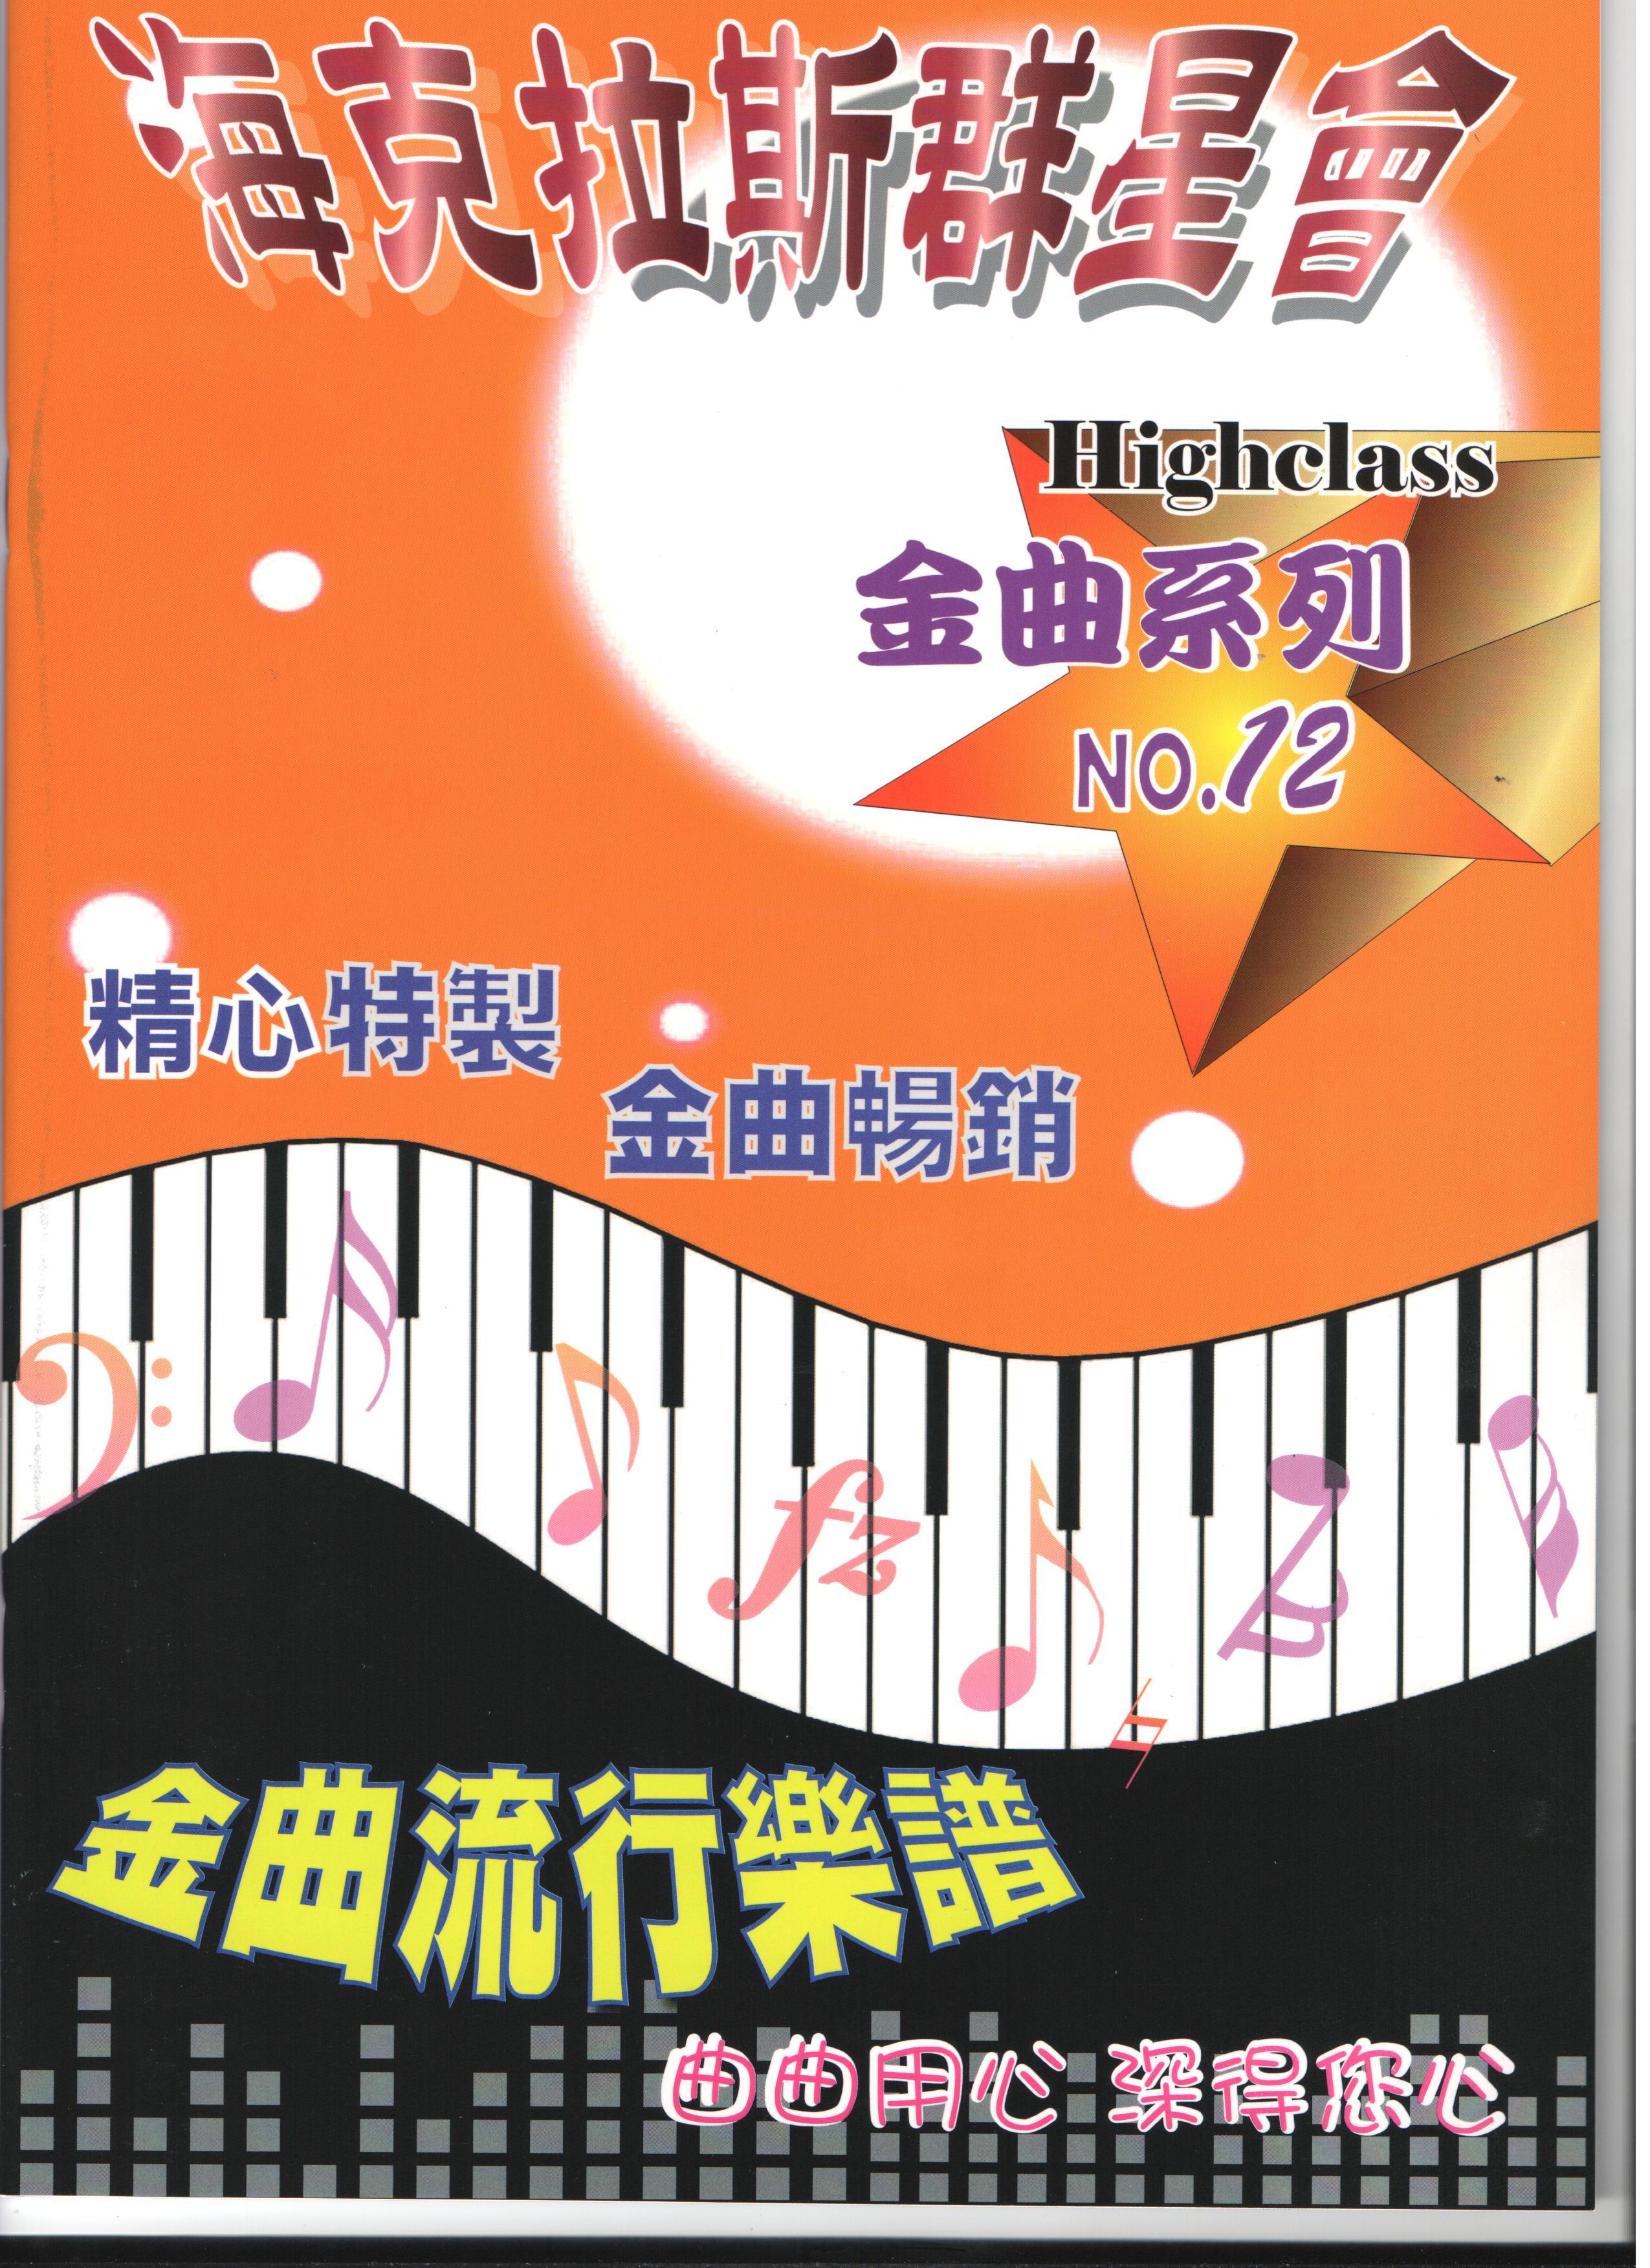 樂譜/簡譜/歌譜 海克拉斯群星會 金曲流行樂譜NO.12 第十二冊 海克拉斯樂譜/歌譜/簡譜 流行樂譜 海克拉斯流行樂譜第十二冊 NO.12